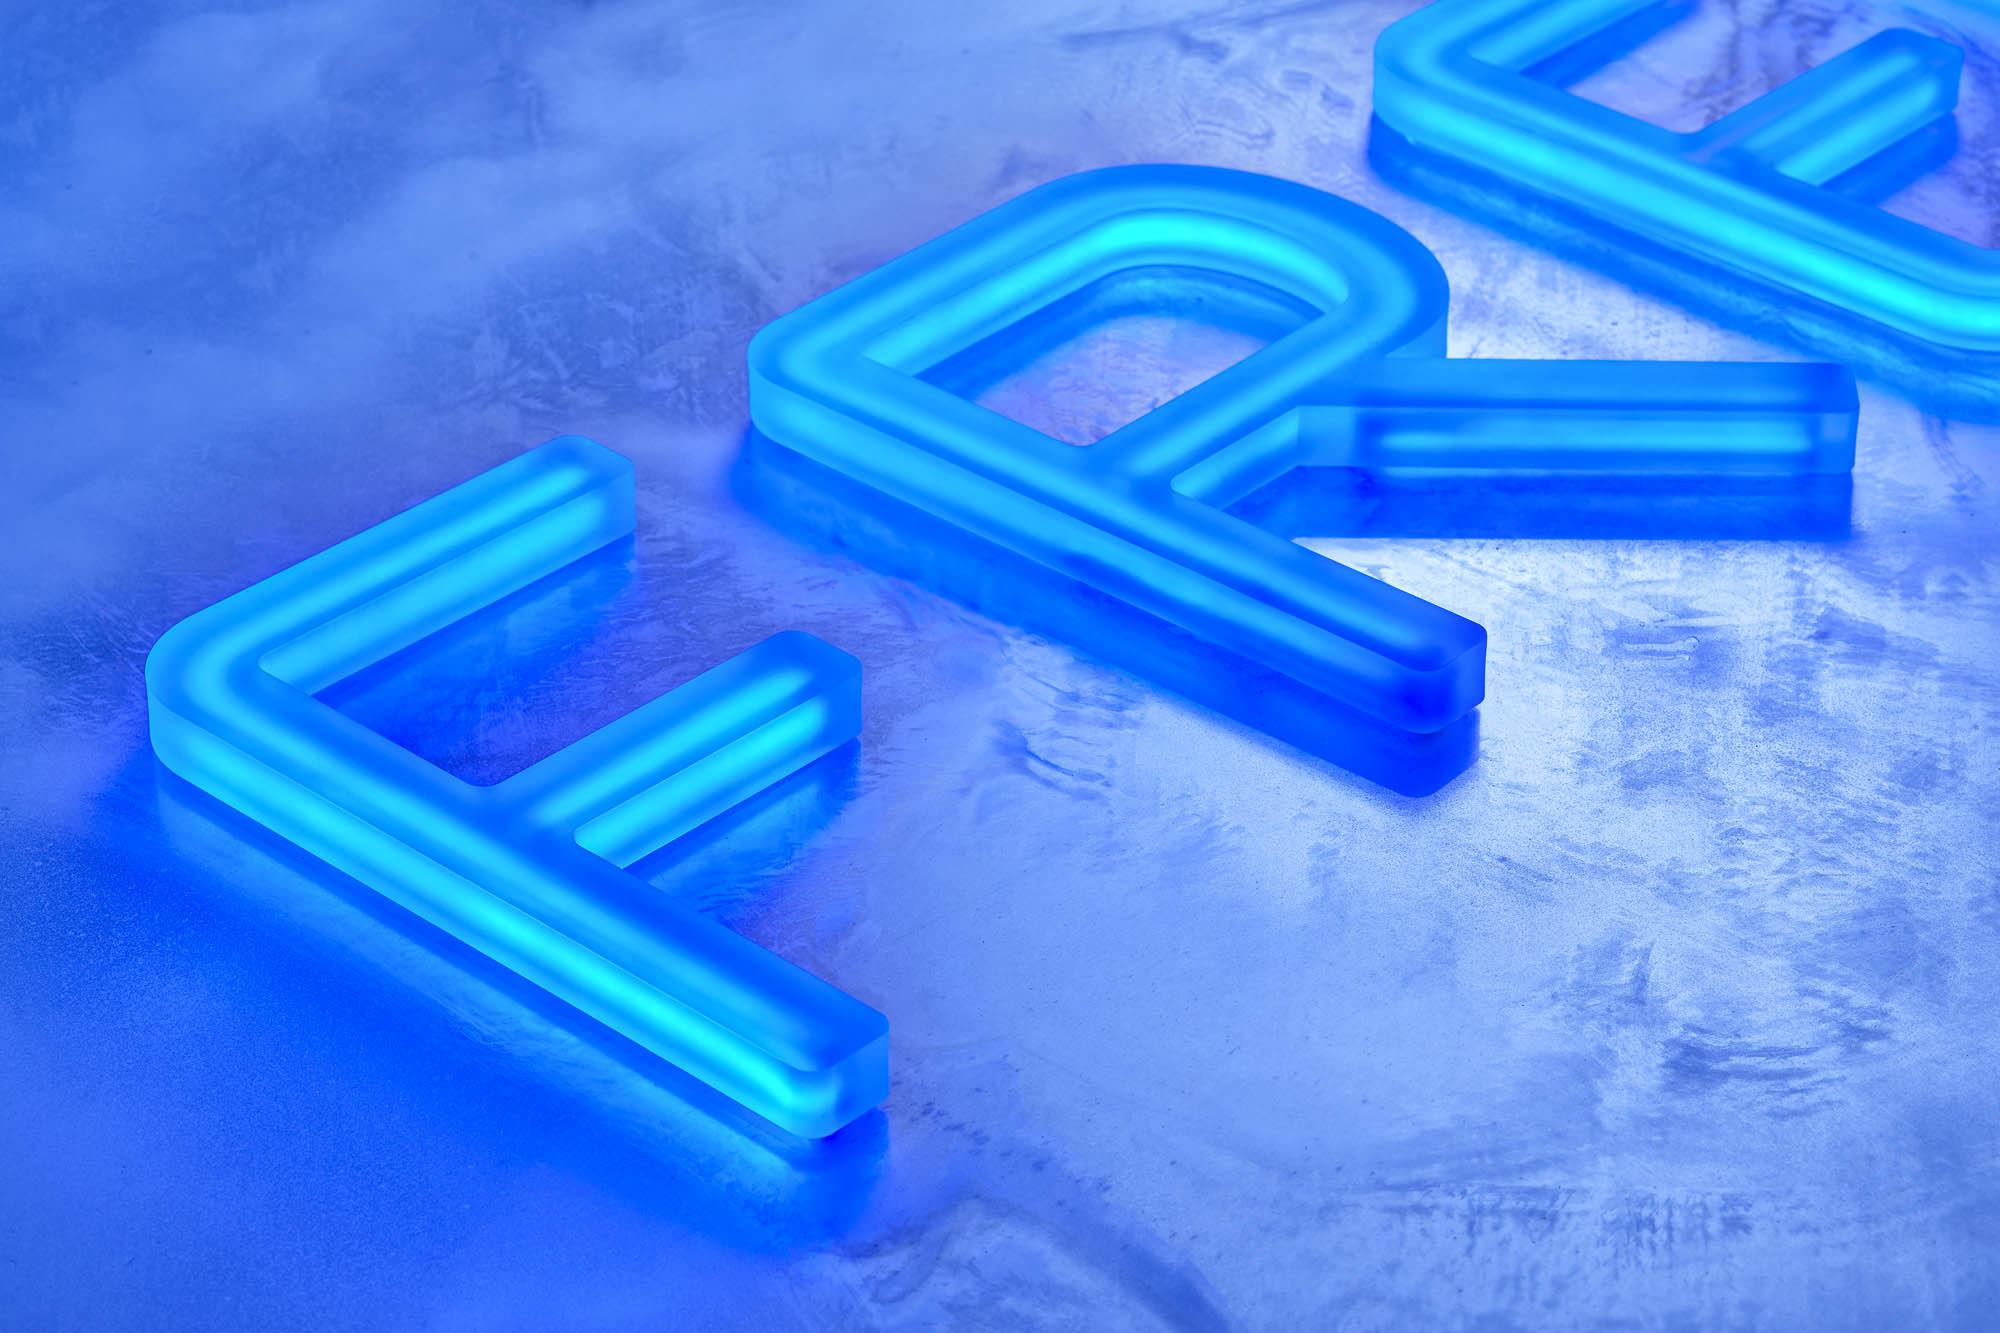 LEDIUS SIGN NEO ICEの商品イメージ画像